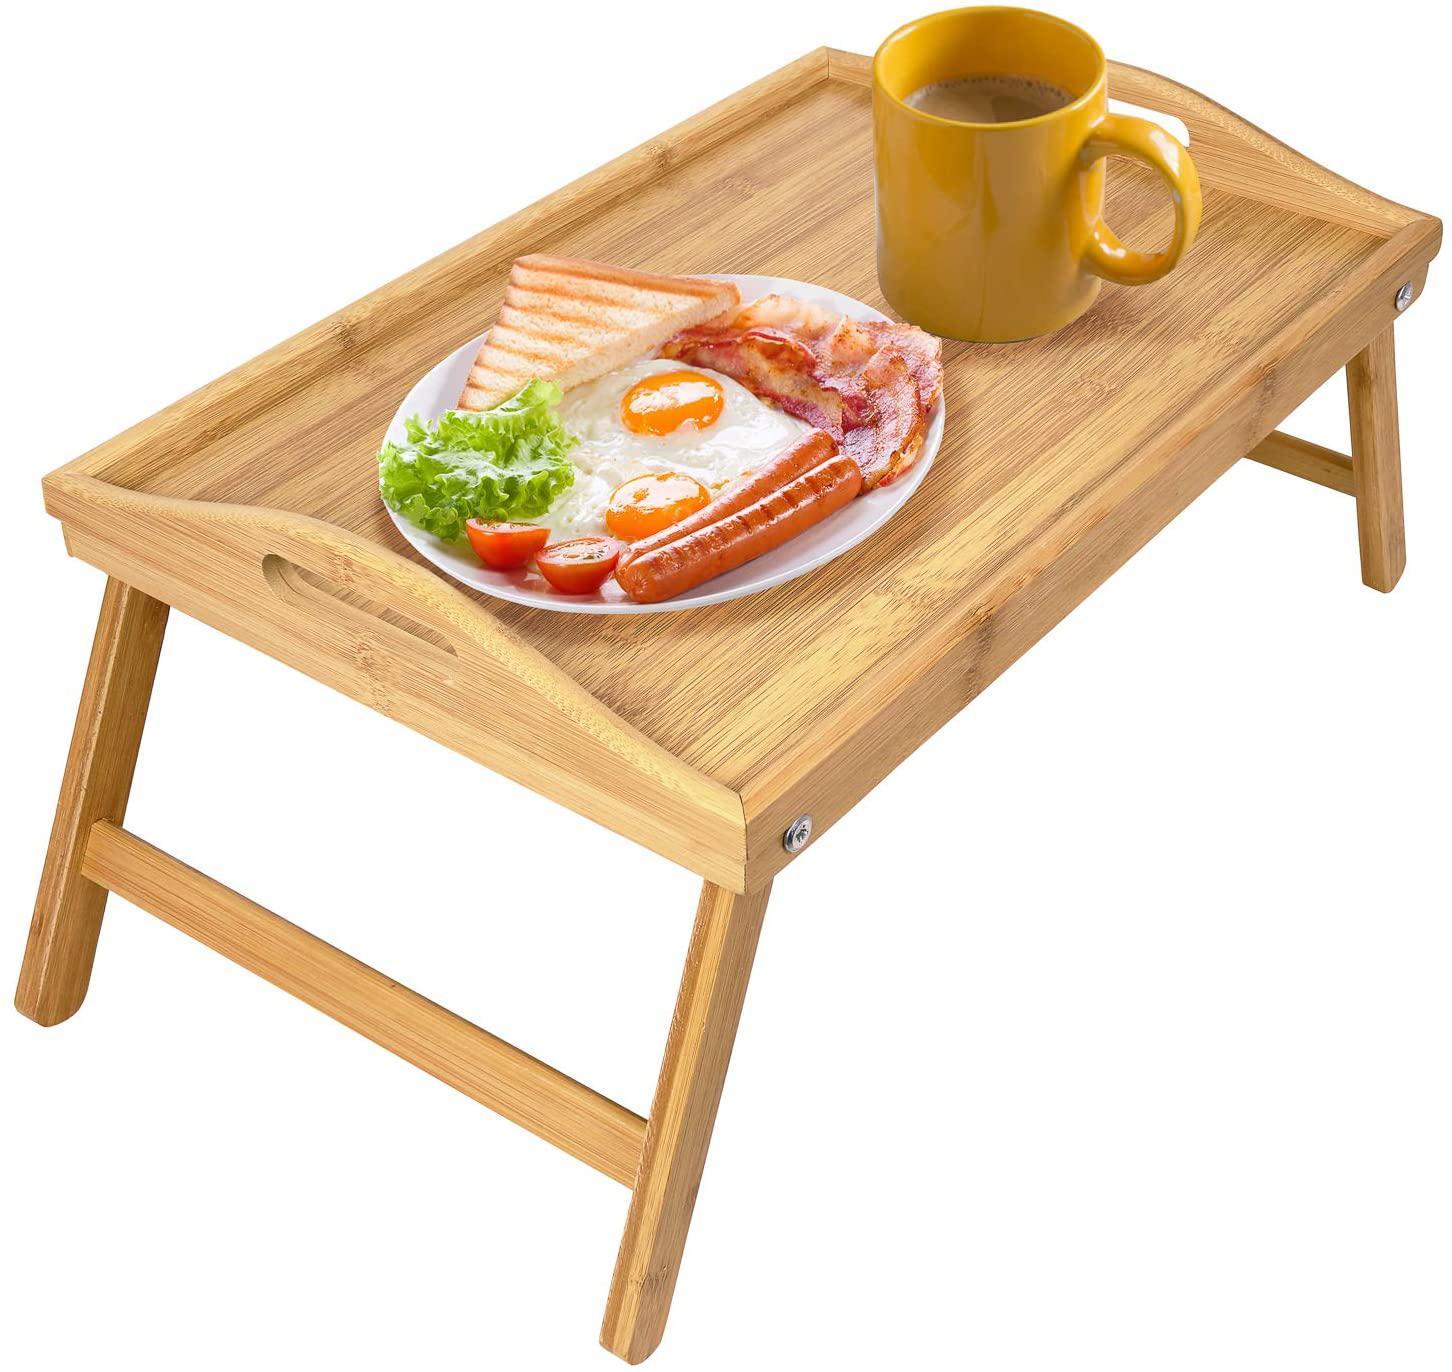 접이식 다리가 대나무 접이식 아침 식사 트레이 테이블 서빙과 트레이 테이블을 침대